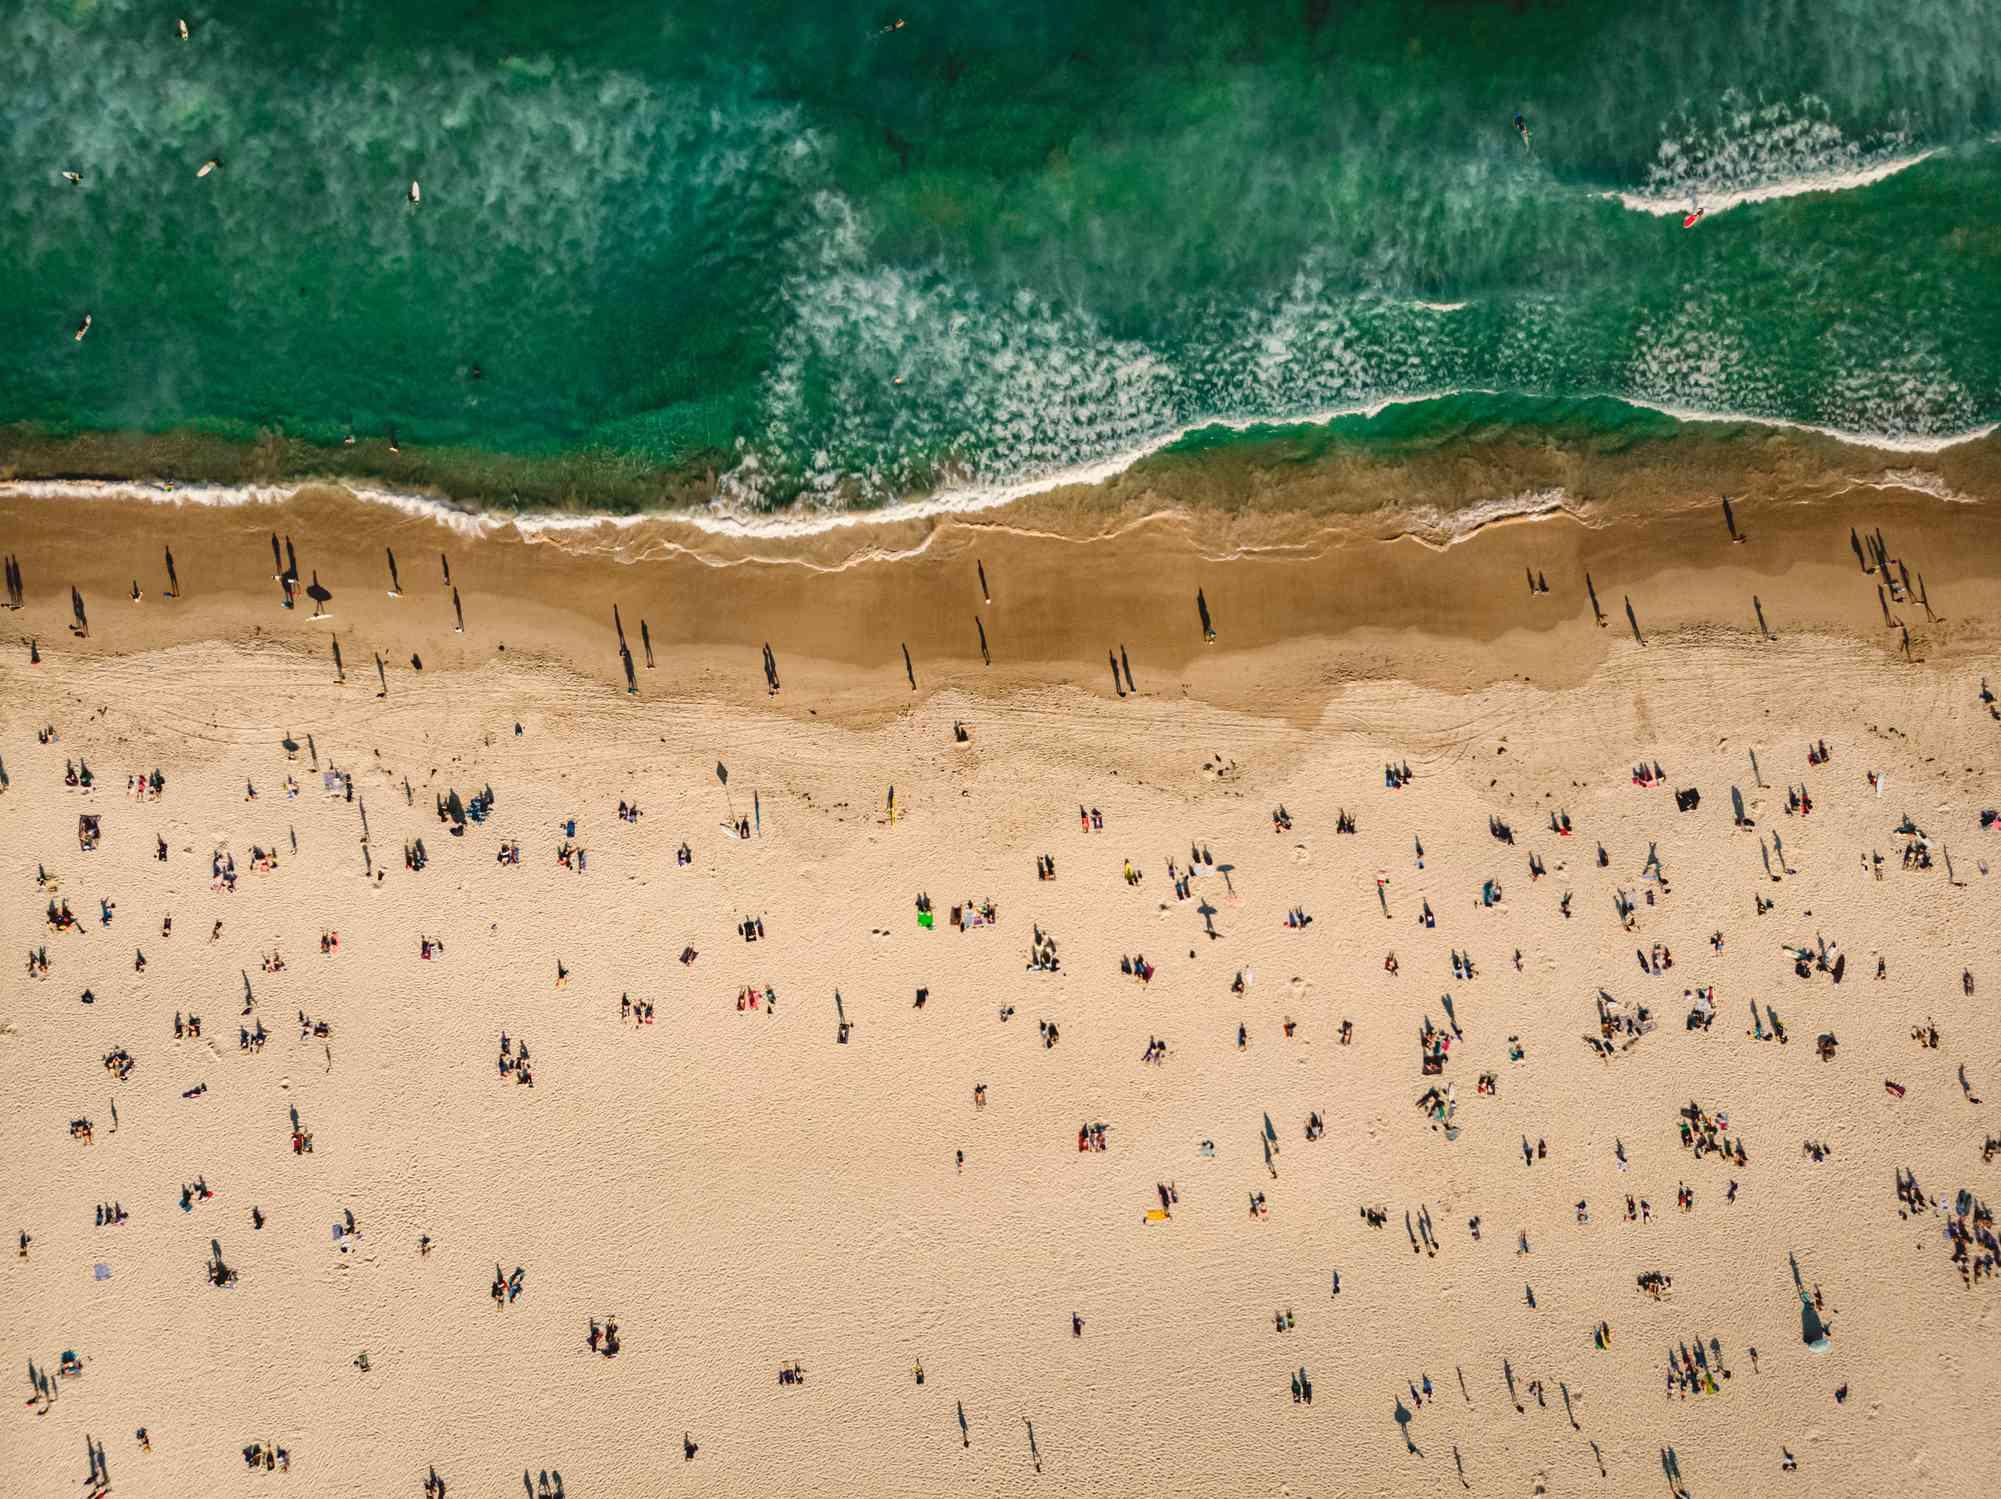 Vista aérea de Bondi Beach